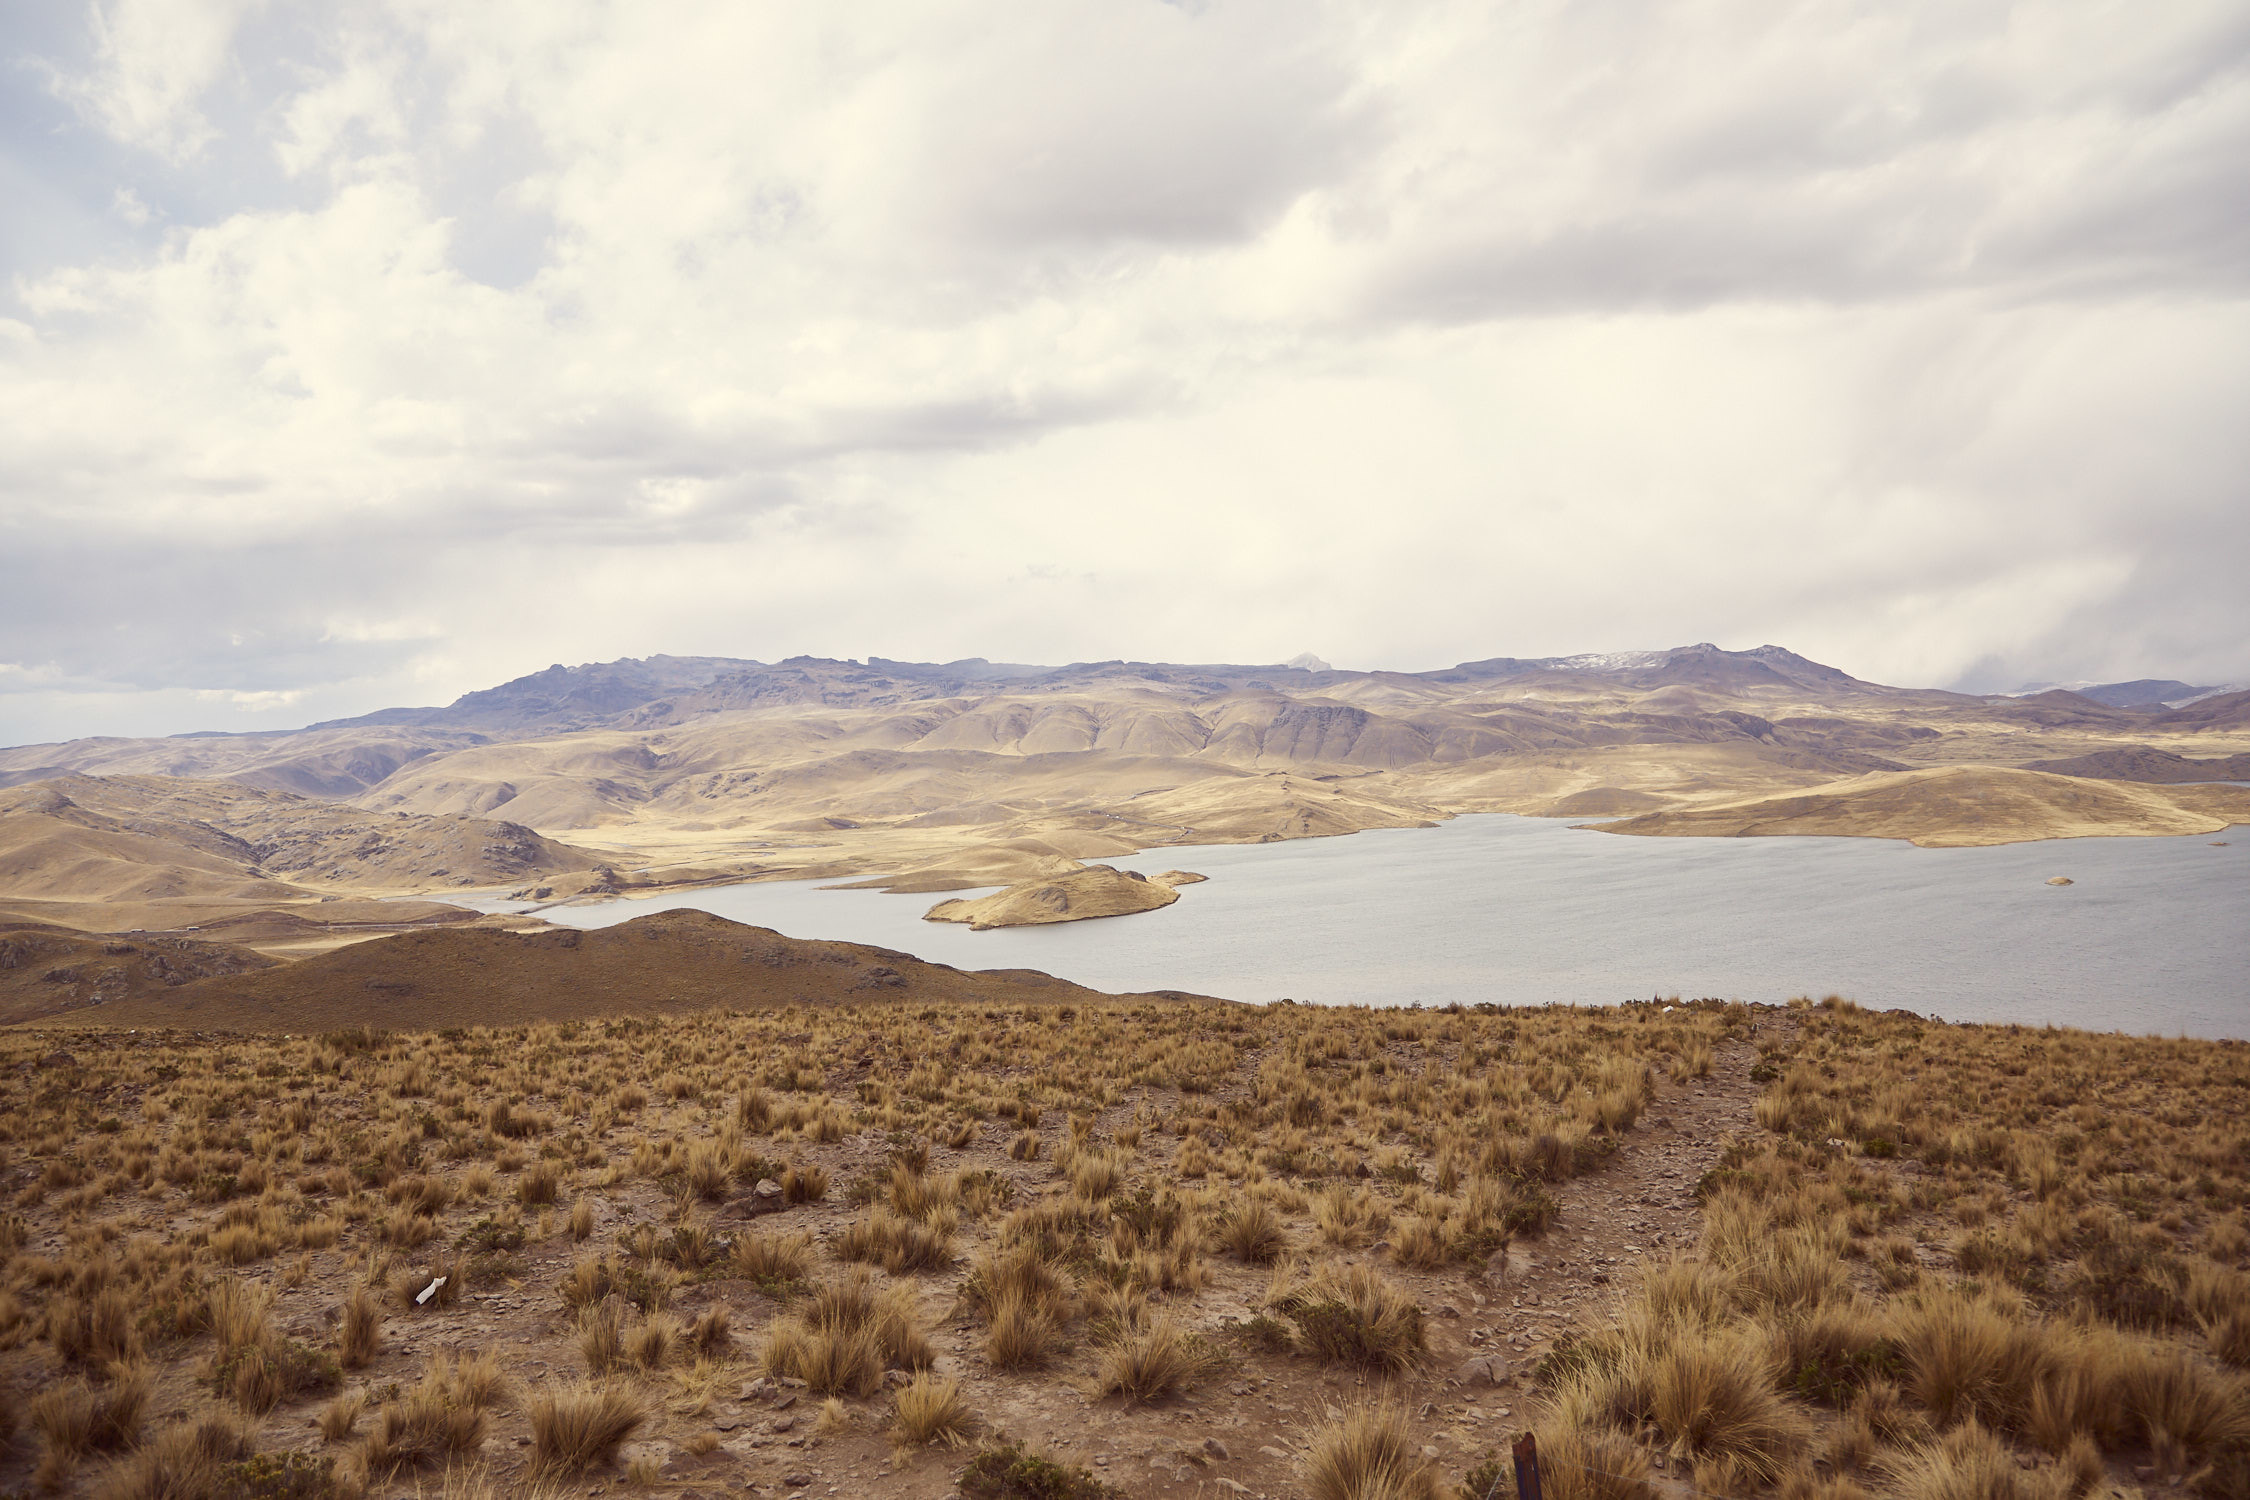 Auf der Fahrt nach Puno: Wunderschöne Aussichten im Nationalpark Reserva Salinas y Aguada Blanca, der See Laguna Lagunillas